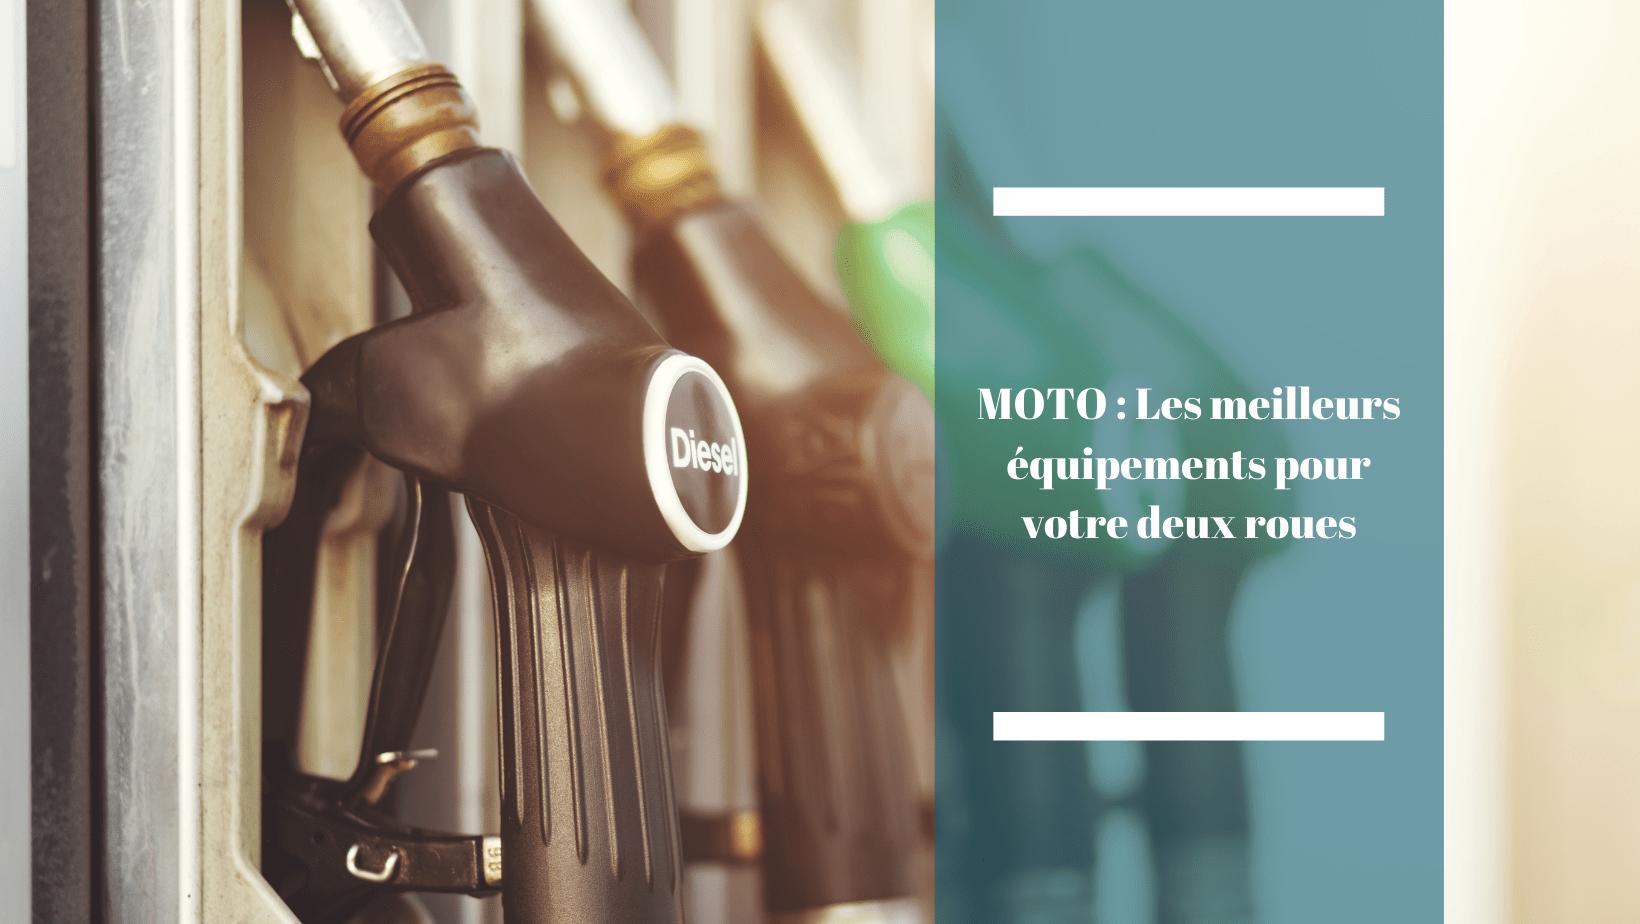 Géolocalisation : comment réduire vos coûts en carburant ?